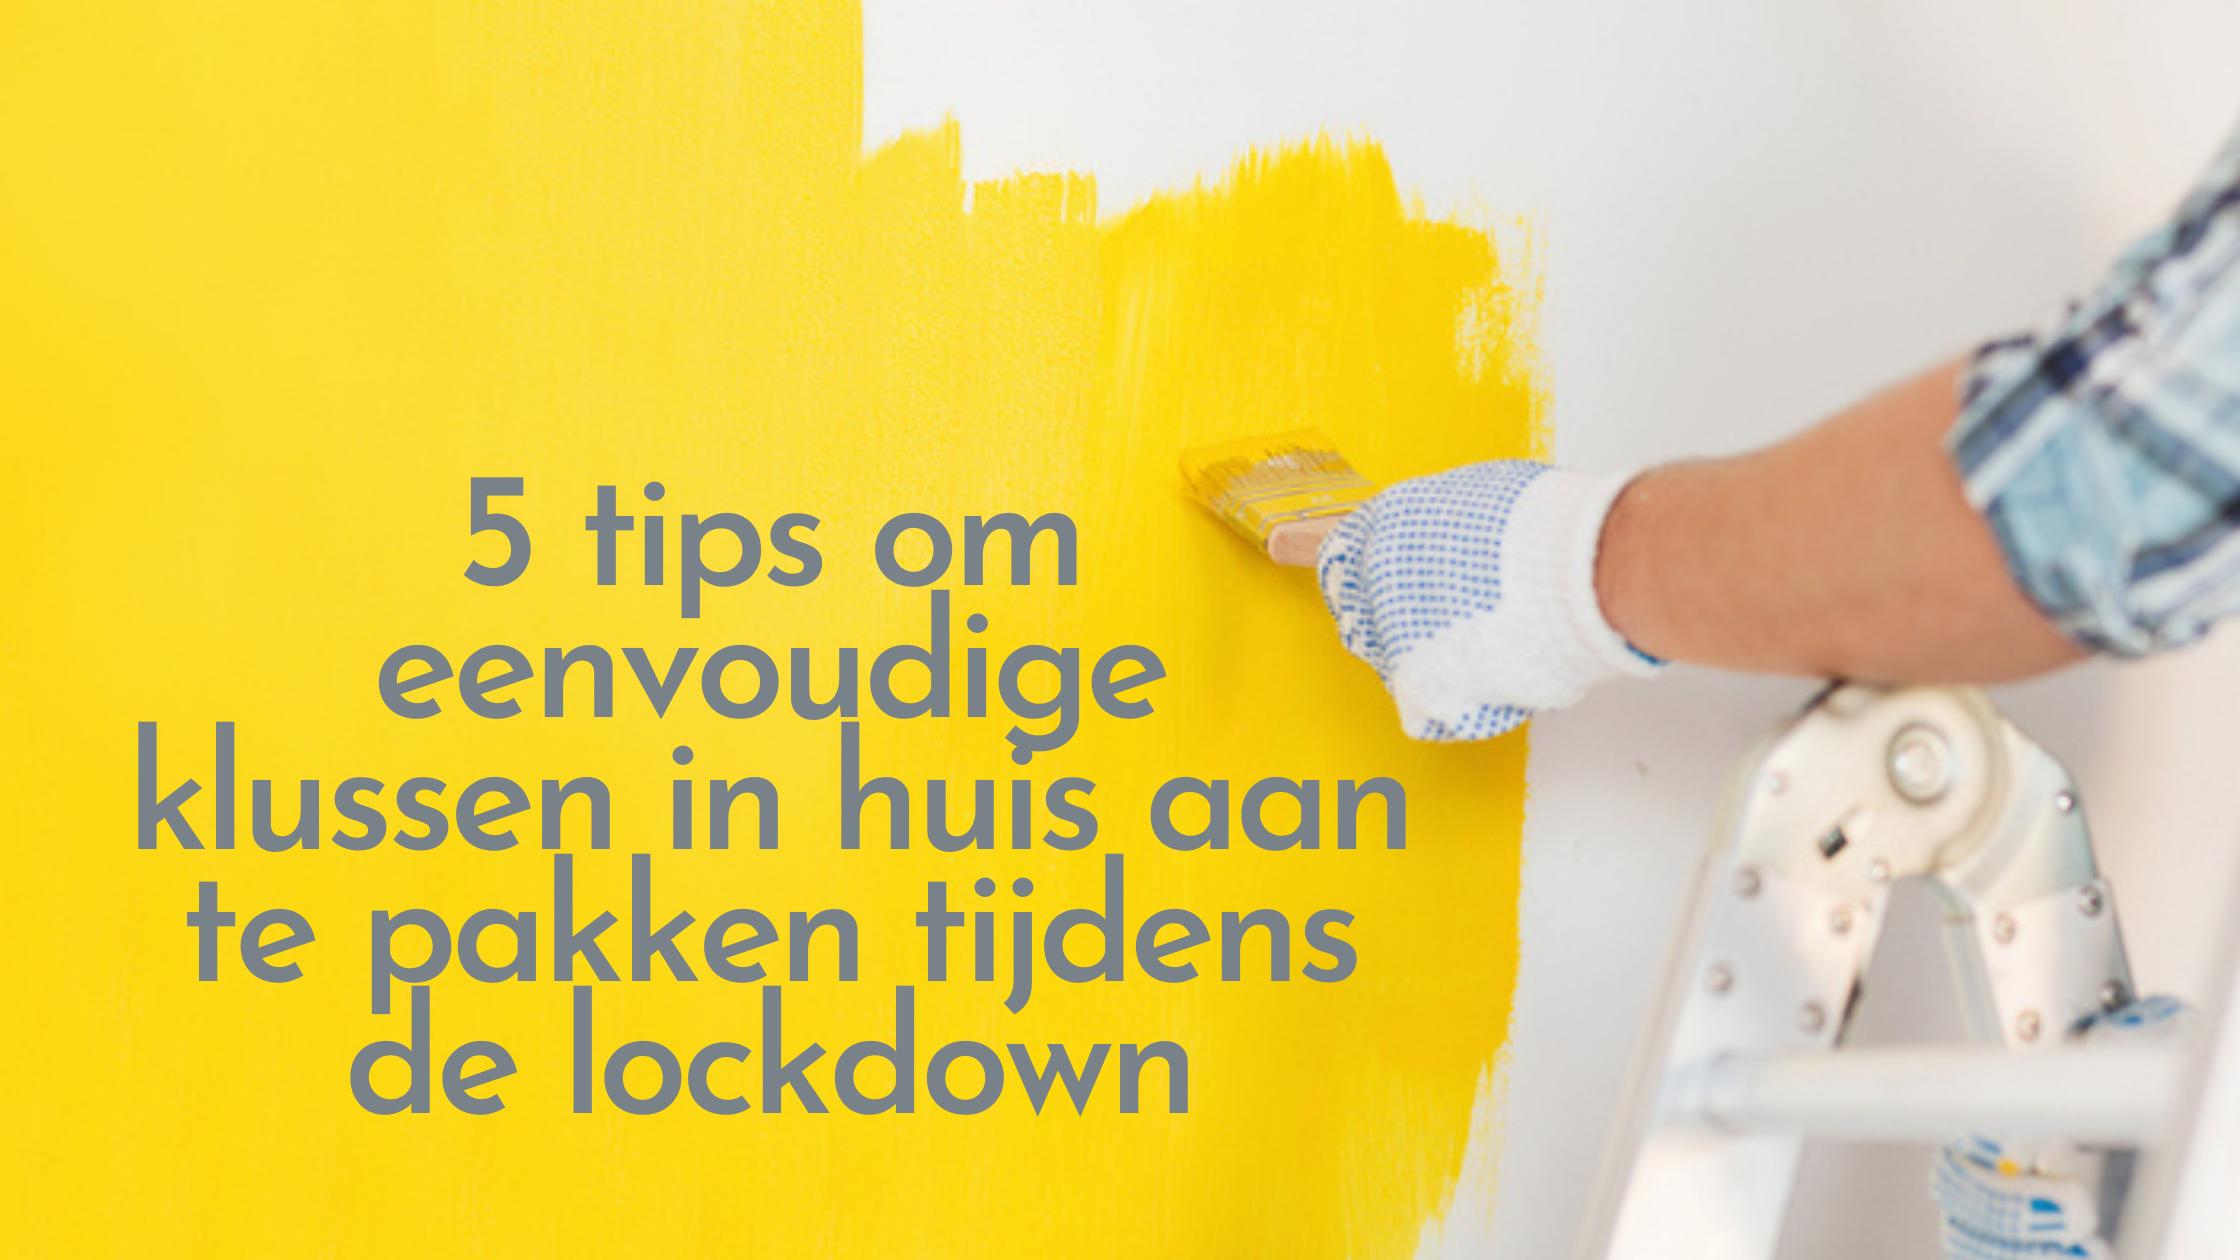 5 tips om eenvoudige klussen in huis aan te pakken tijdens de lockdown